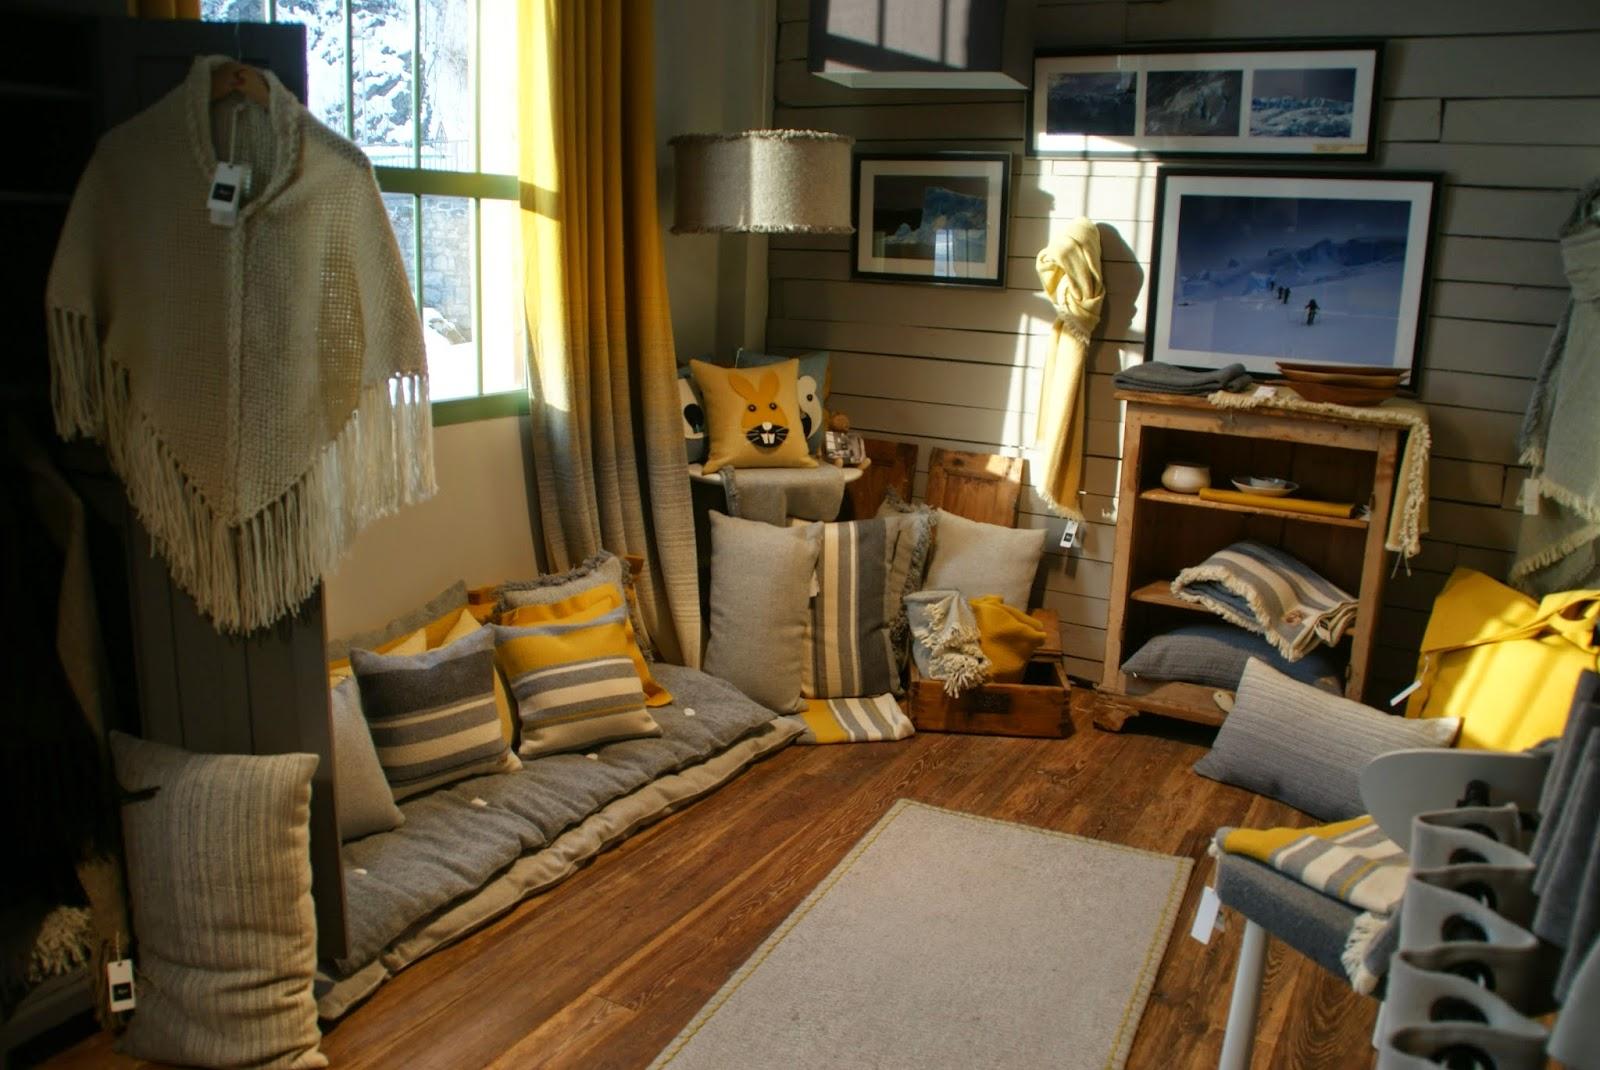 les derni res infos de haute tarentaise par pierre villeneuve seez filature arpin la. Black Bedroom Furniture Sets. Home Design Ideas